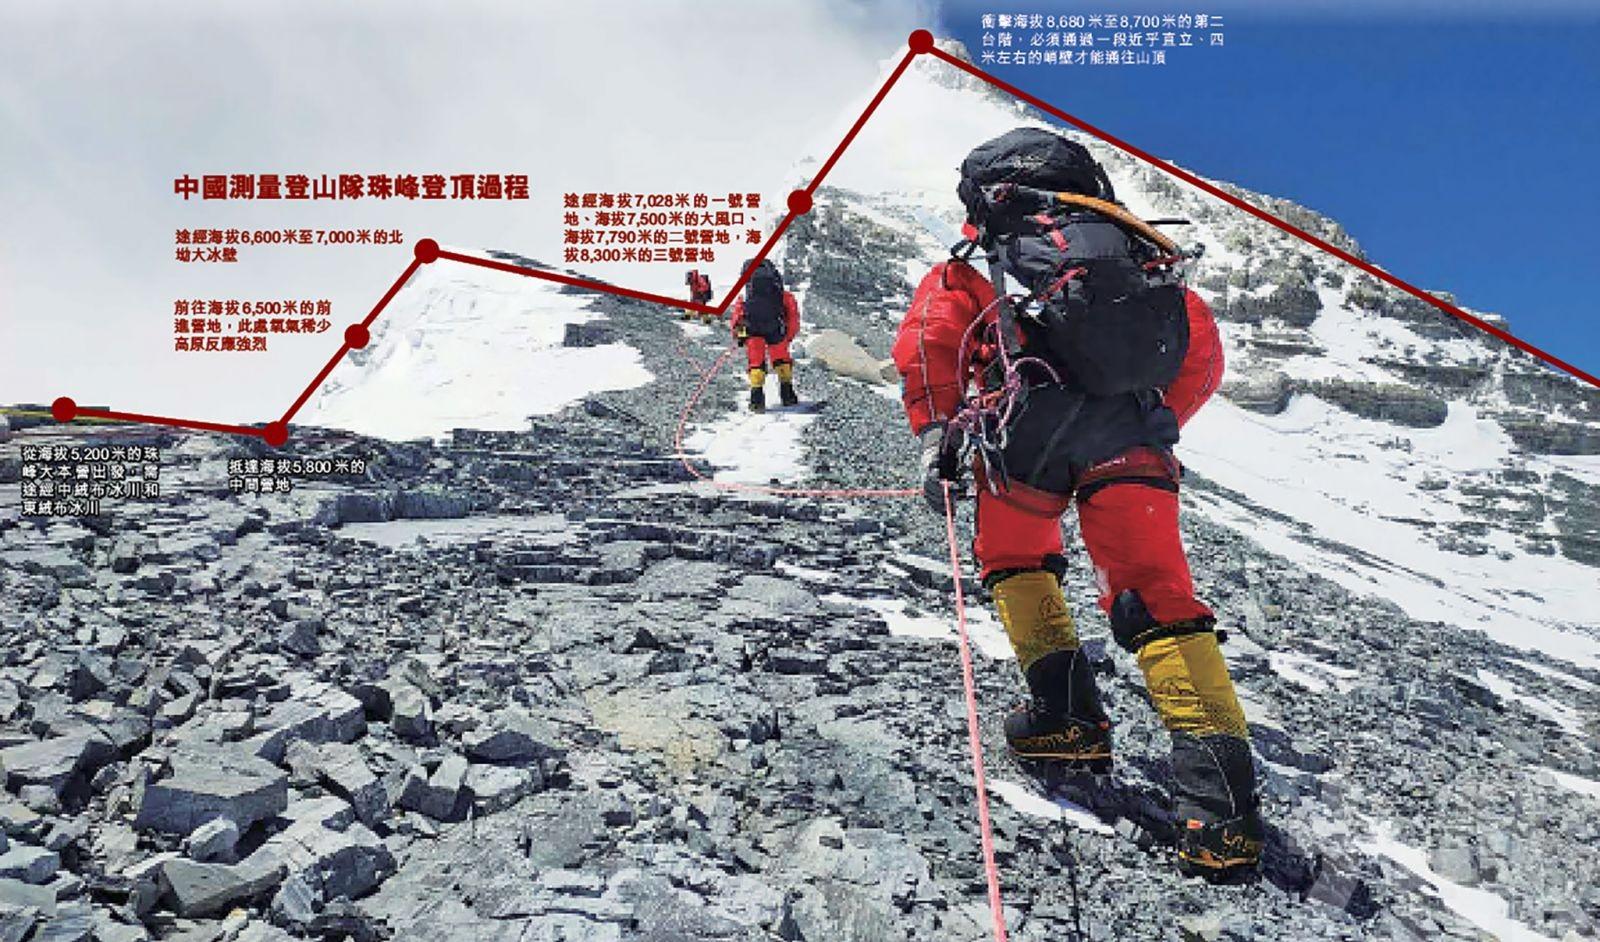 北斗衛星及5G助力 中國登頂為珠峰量高 - 澳門力報官網